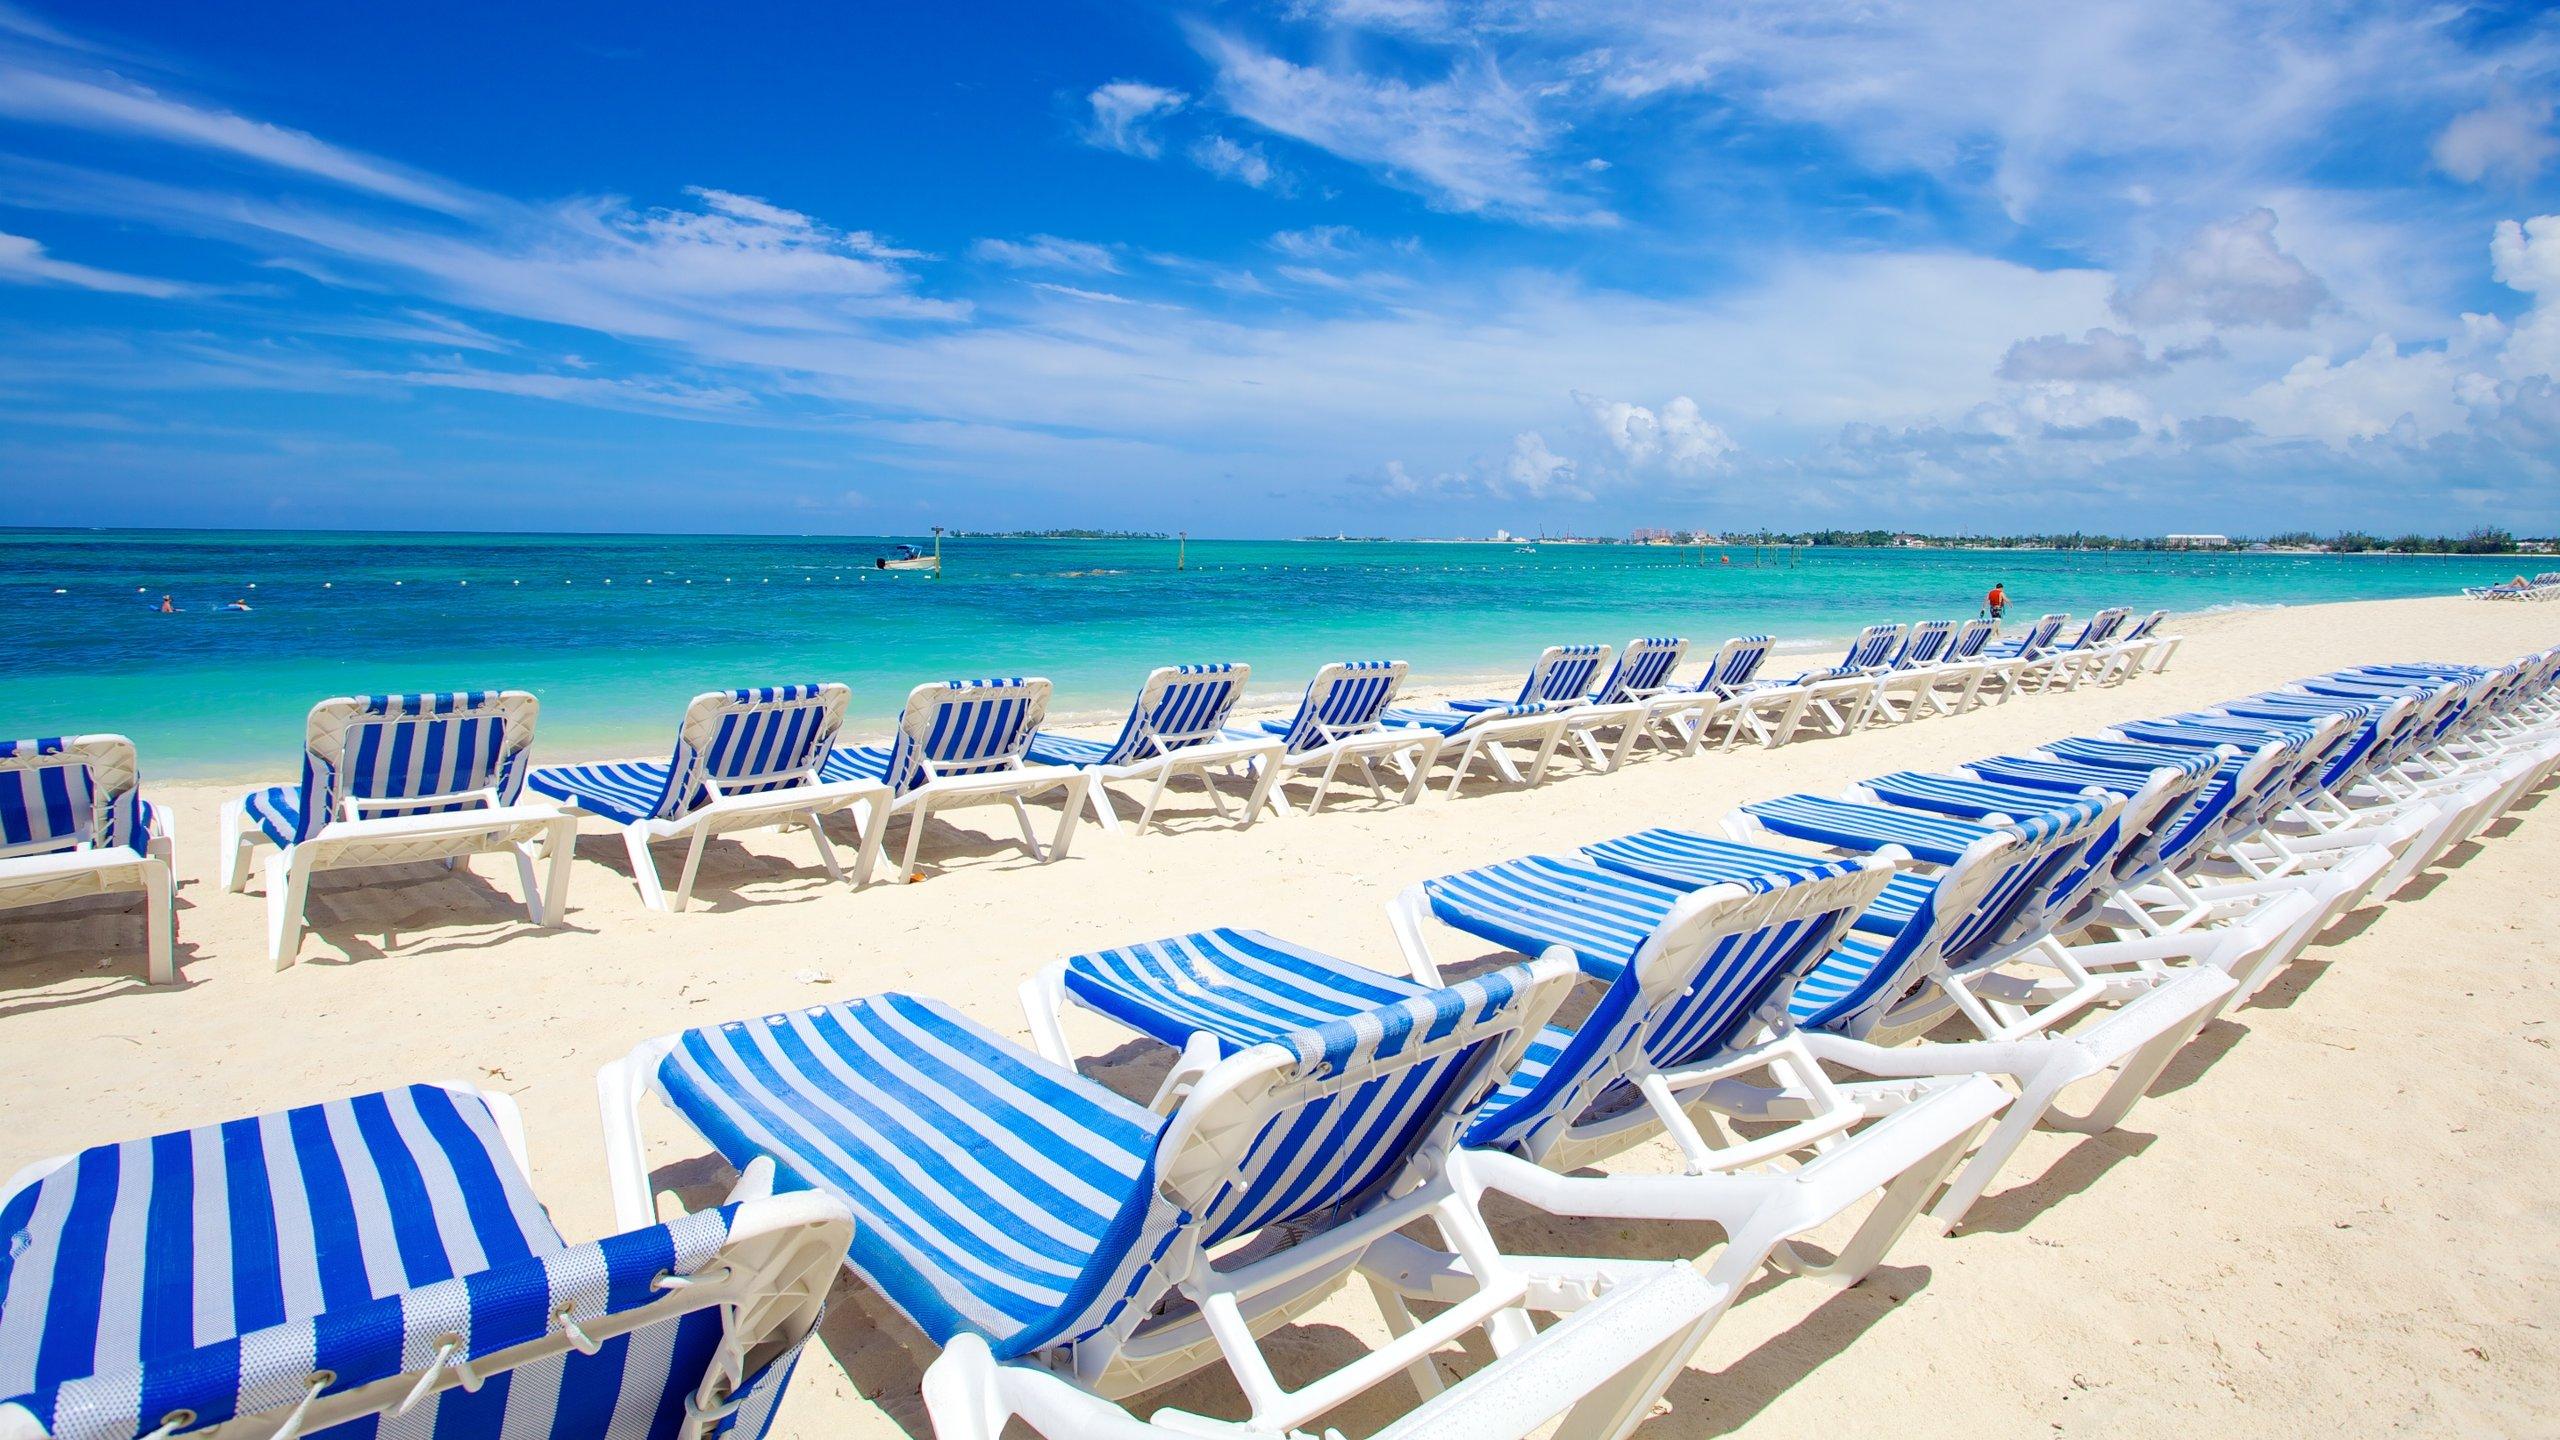 Schneeweißer Sand, kristallklares Wasser und eine lebhafte Strandpromenade machen Cable Beach zum Lieblingsstrand der bevölkerungsreichsten Insel der Bahamas.